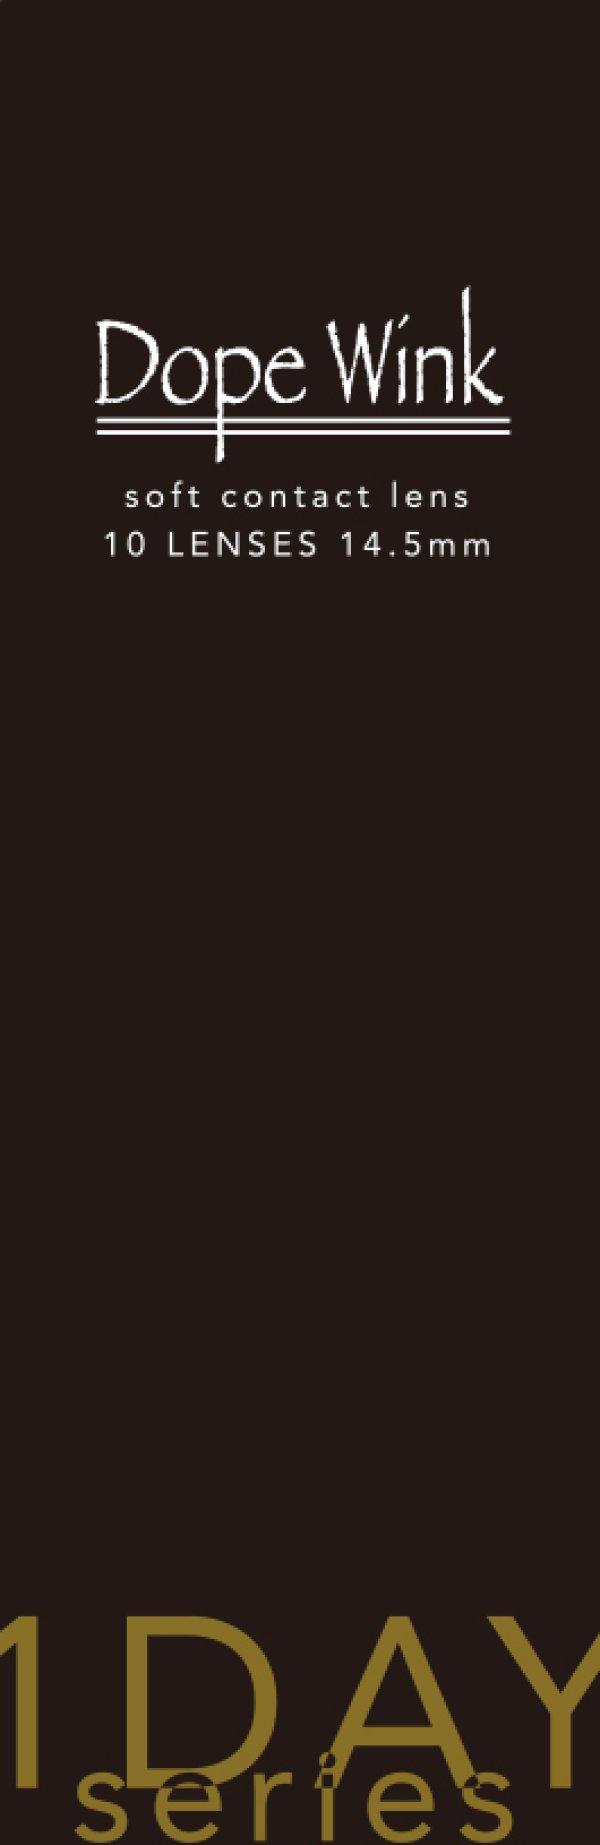 画像4: 【ドープウィンクワンデー スパークシリーズサニーヘーゼル 】度なし(1箱10枚入)/1日使い捨てカラーコンタクト【カラコン】[OF08]